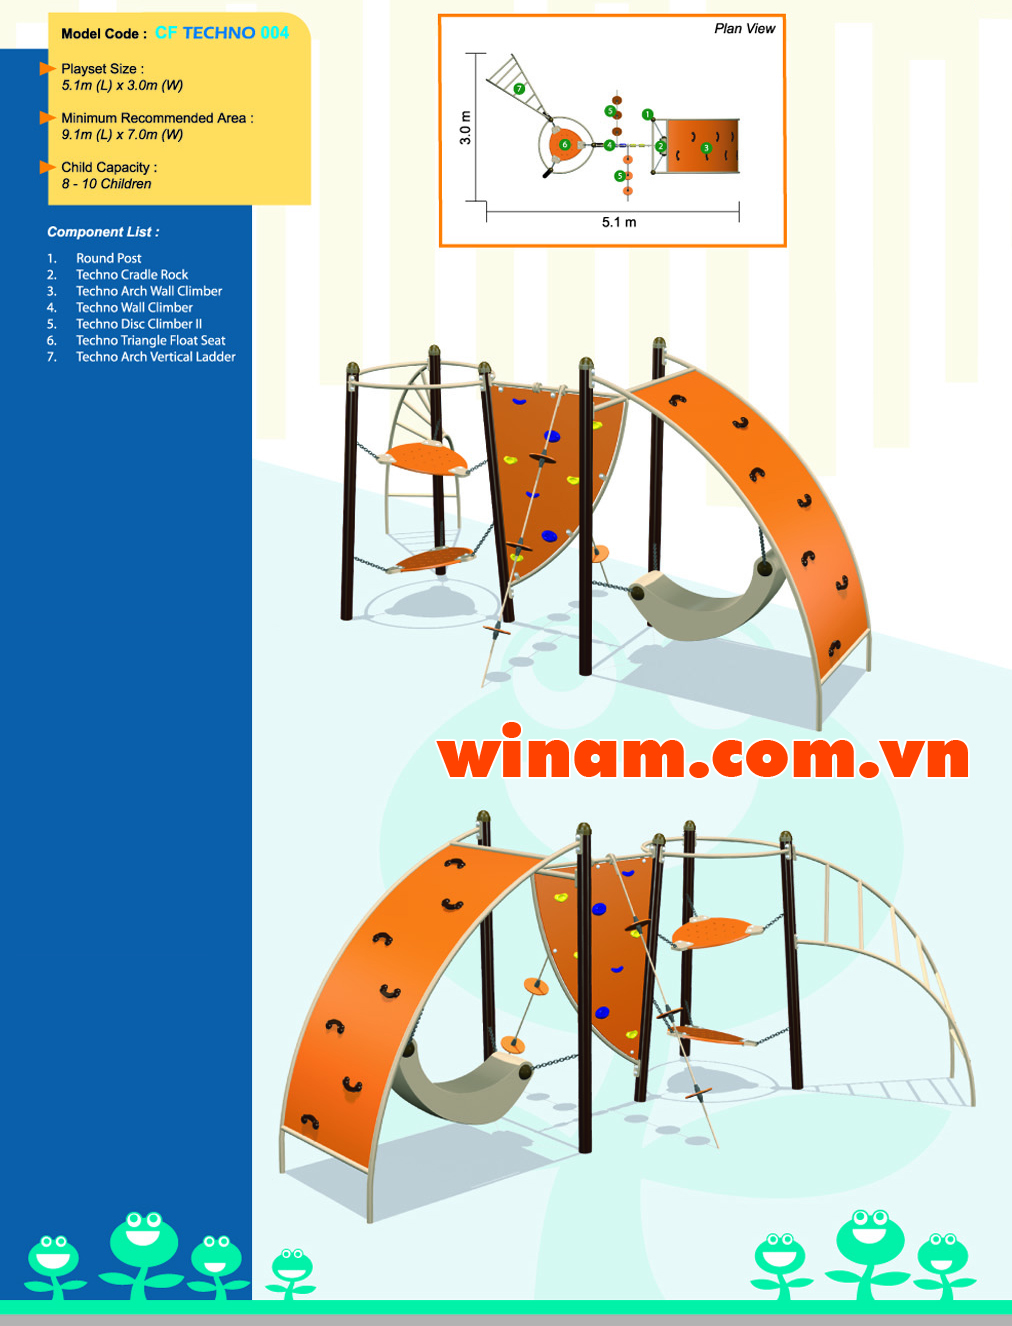 Thiết bị vận động cho trẻ - WINPLAY-MC-CF-TECHNO-004